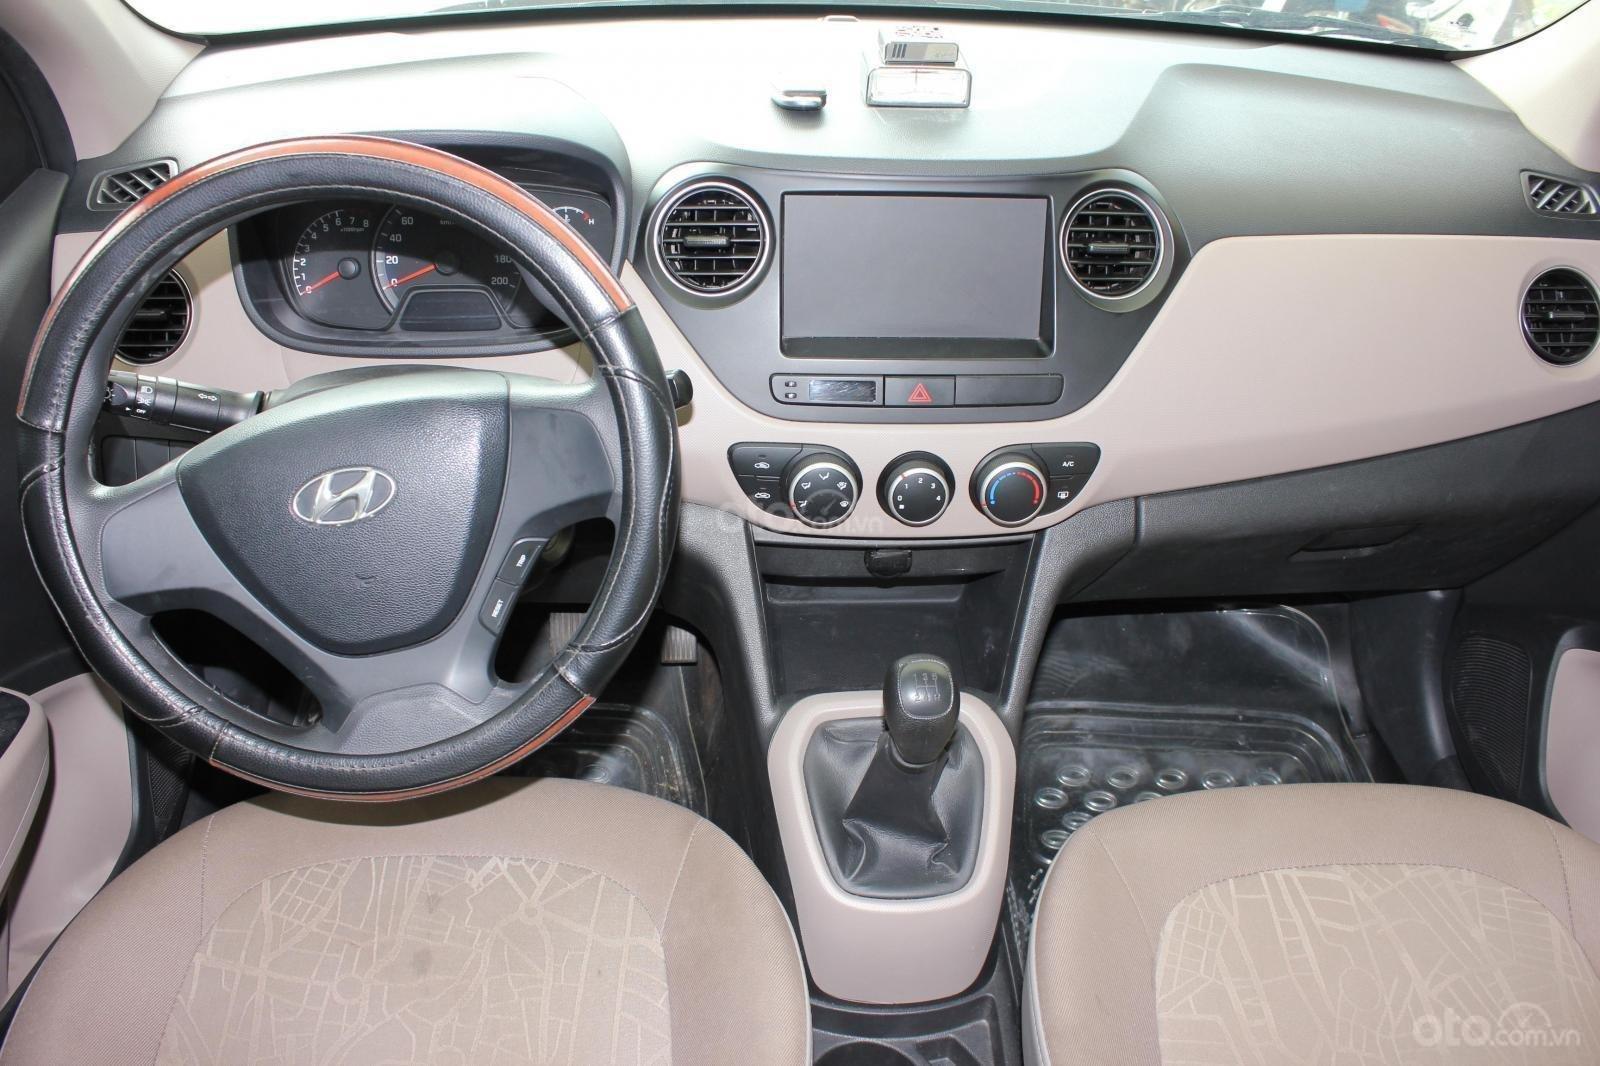 Bán xe Hyundai Grand i10 đời 2018, màu trắng, 335 triệu (2)